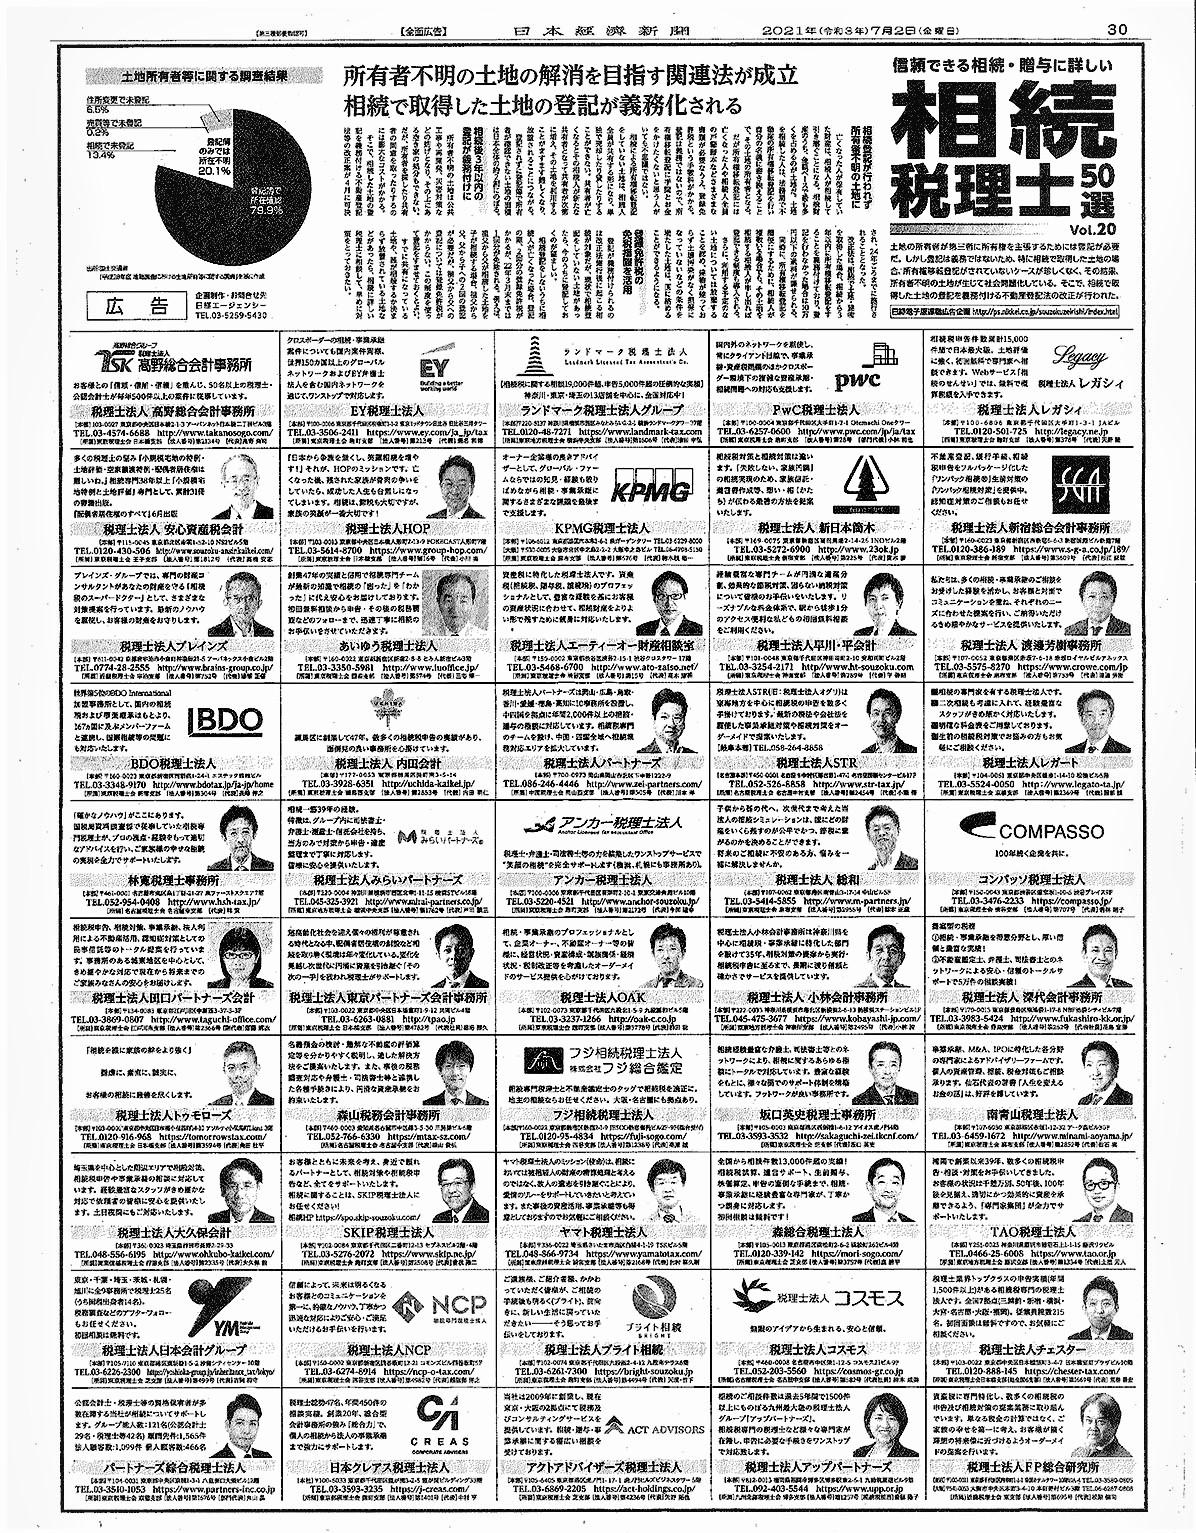 【新聞】日本経済新聞(7月2日付)に掲載されました。